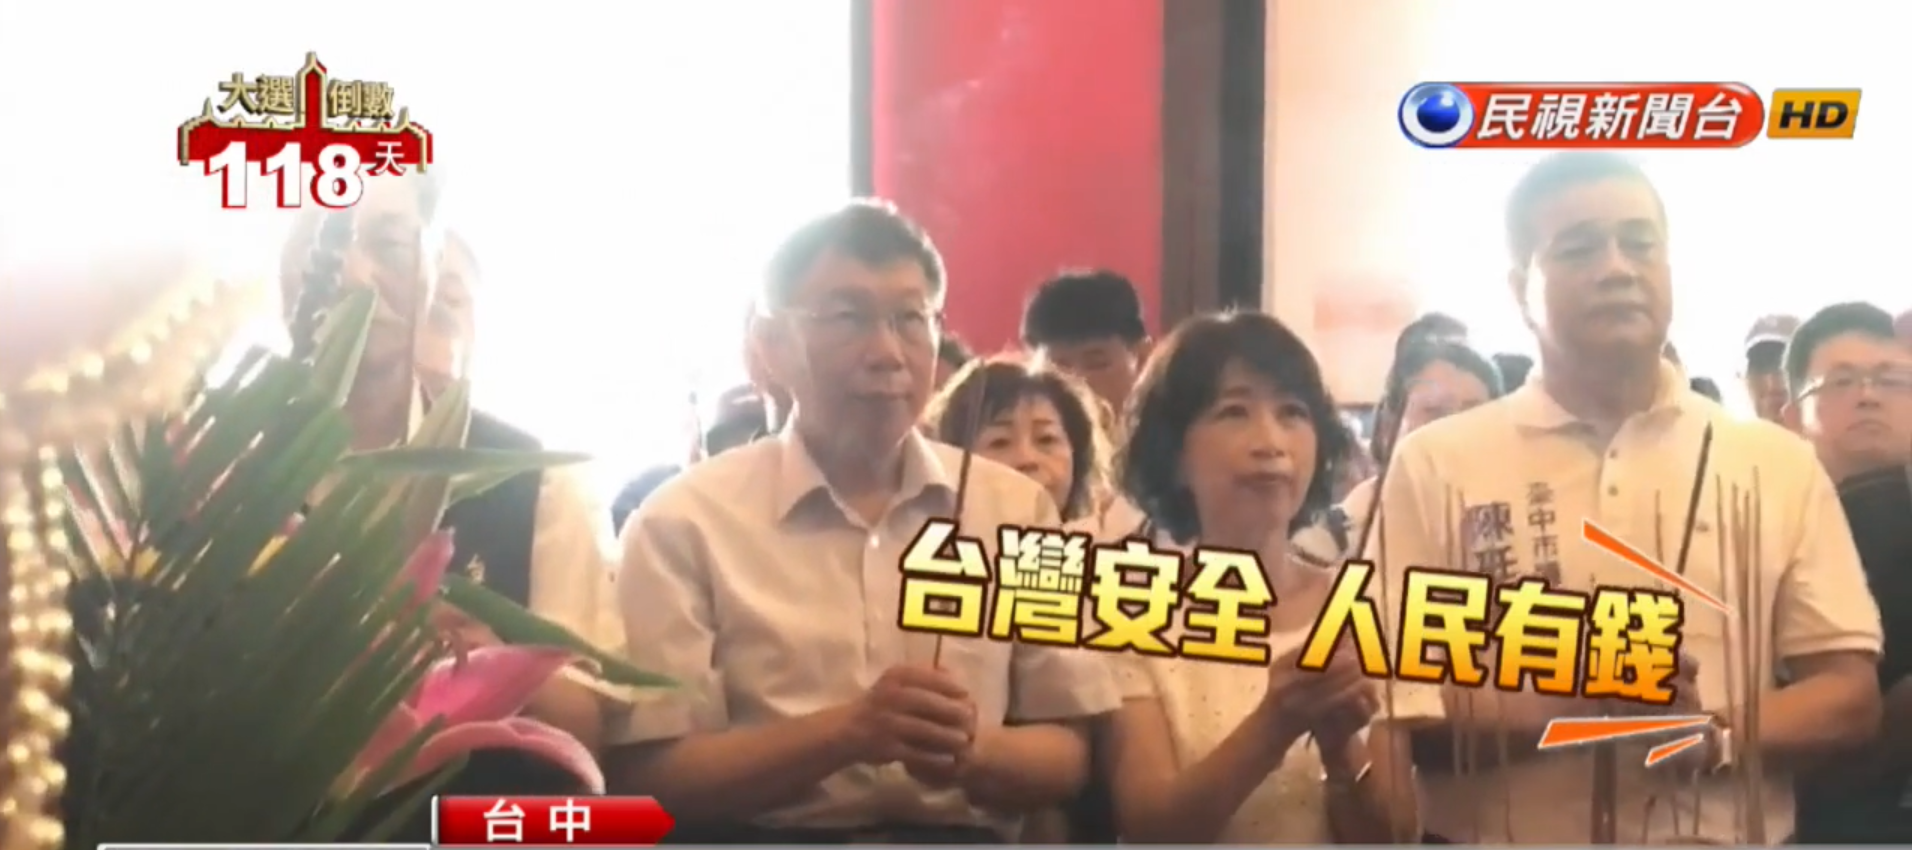 尷尬!柯文哲拜浩天宮 廟方喊:「台灣安全、人民有錢」